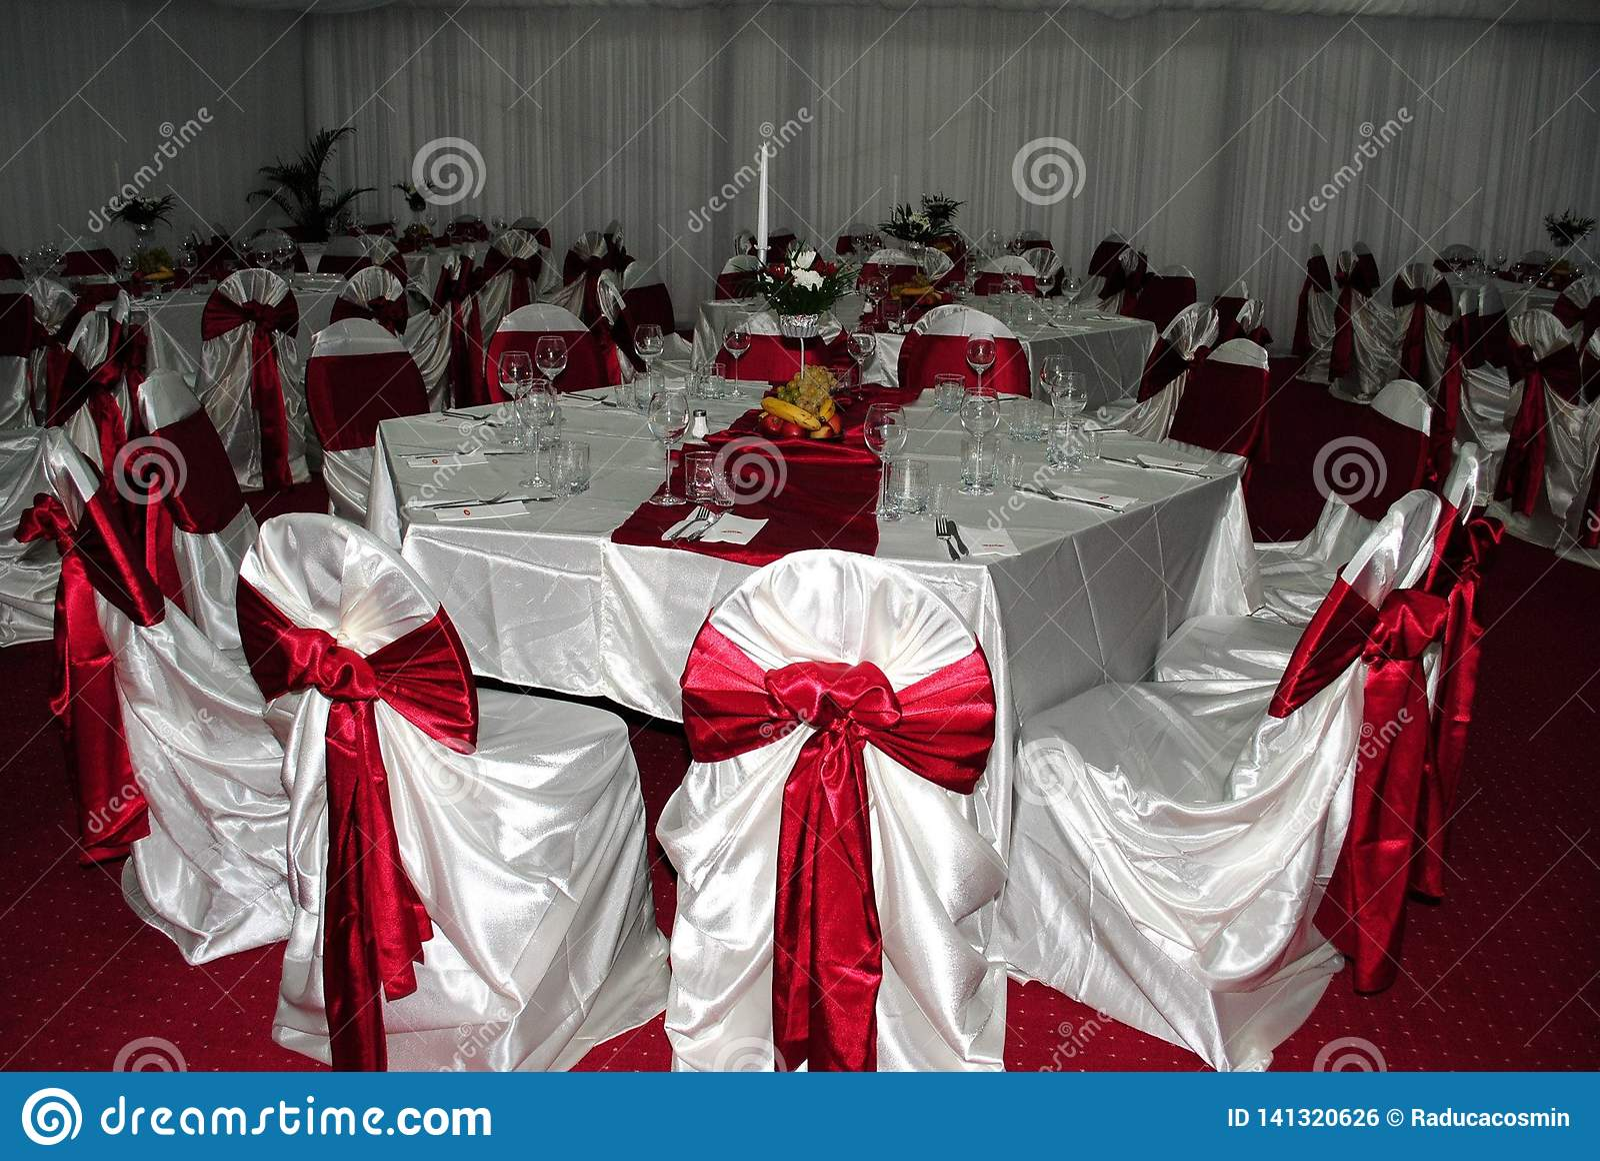 Расположение свадьбы с белыми и красными стульями ждать гостей g